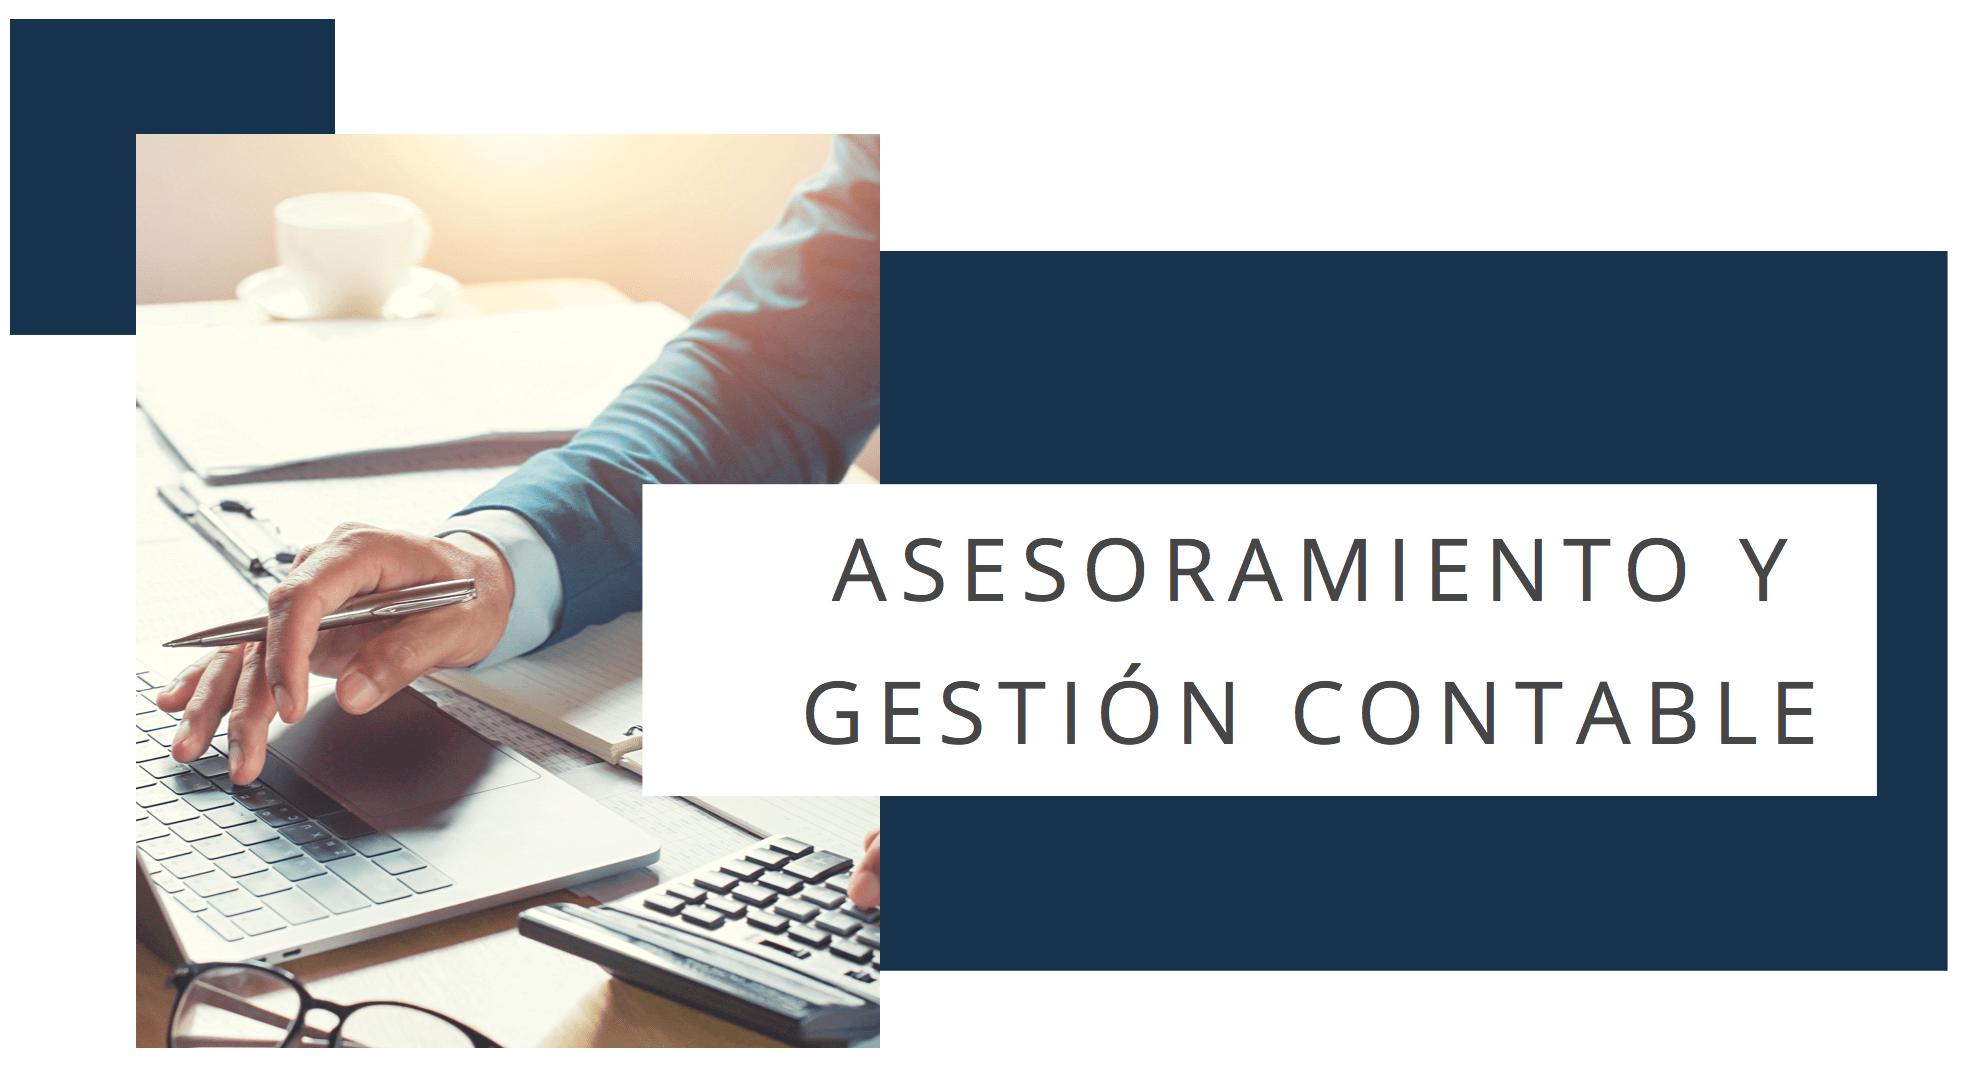 asesoramiento y gestión contable